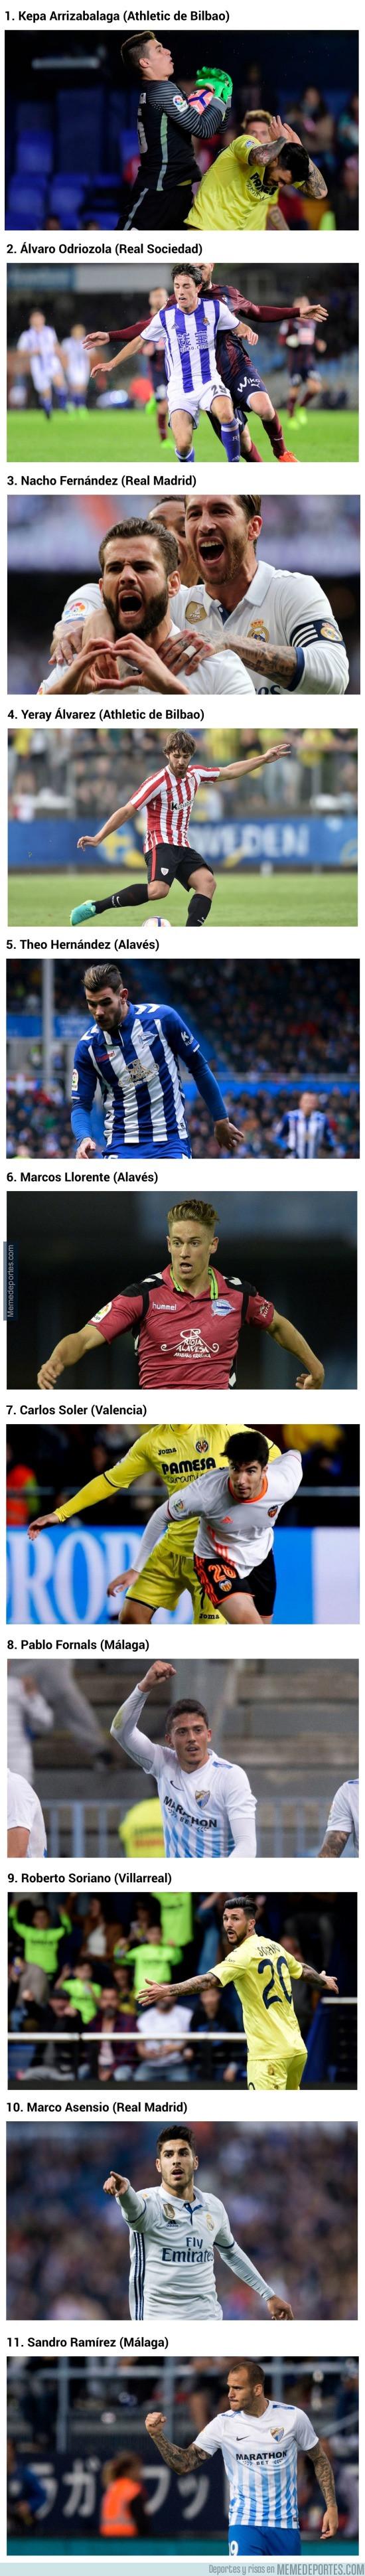 977911 - El XI revelación de LaLiga según la UEFA, ¿estás de acuerdo?